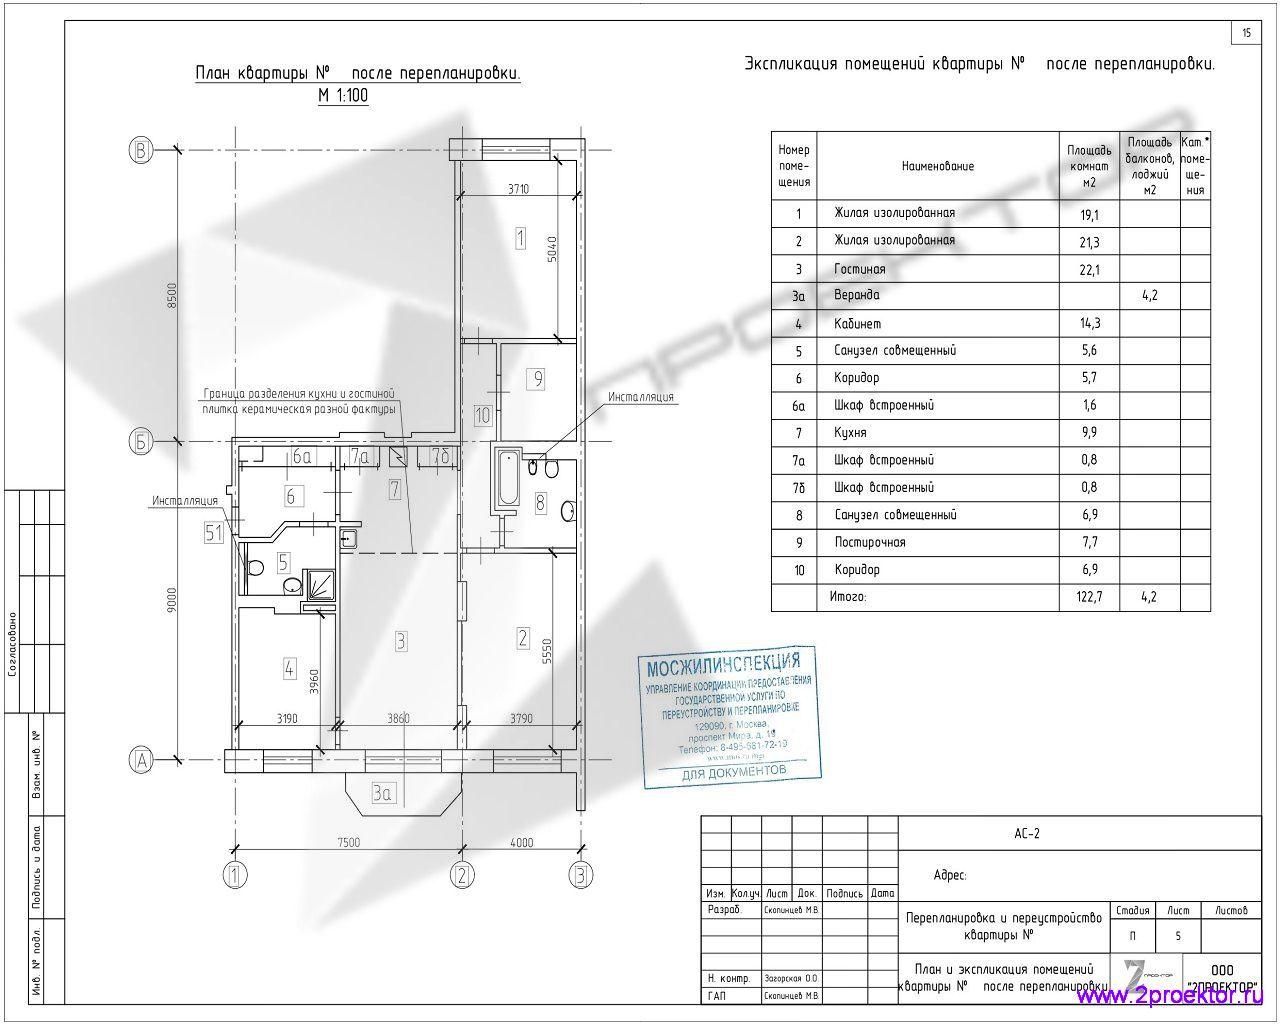 Вариант планировки трехкомнатной квартиры в Жилом комплексе Долина Грез разработанный специалистами ООО «2Проектор» и согласованный Мосжилинспекцией.